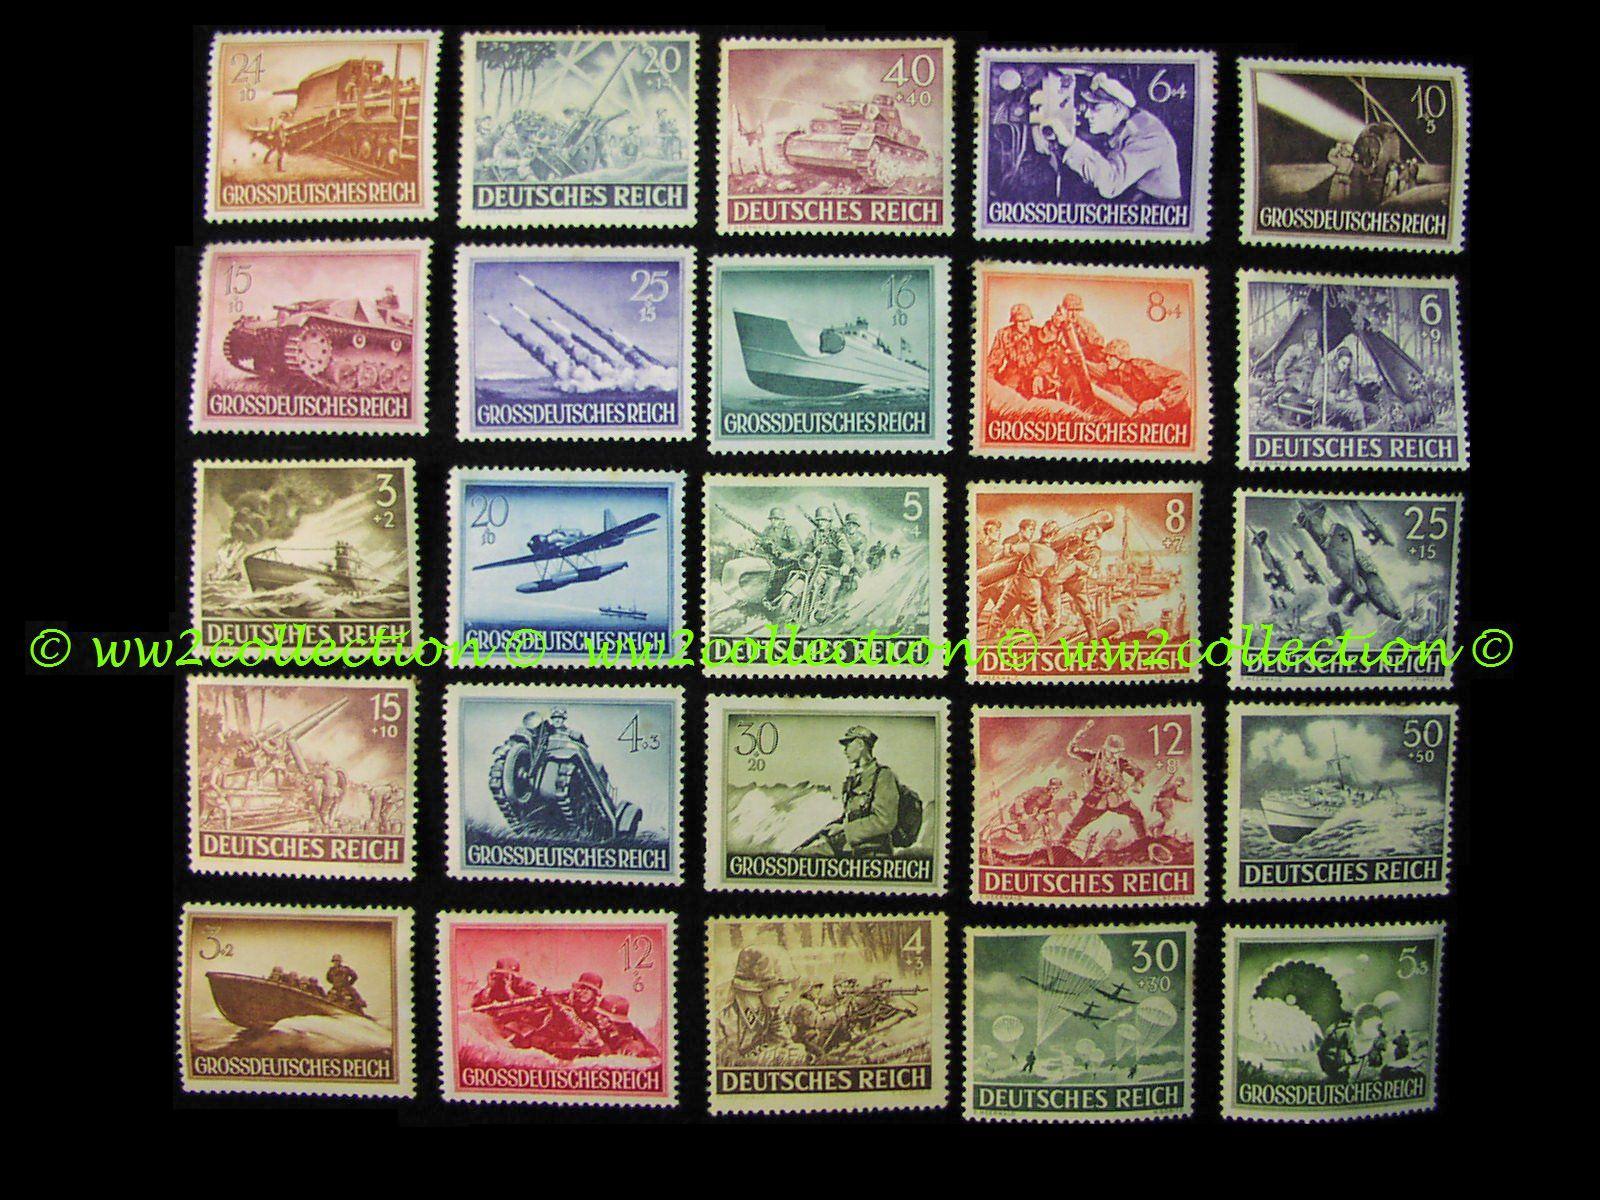 3rd Reich Stamps, Sondermarken Grossdeutsches Reich - Deutsches Reich Briefmarken mit Kampfscenen